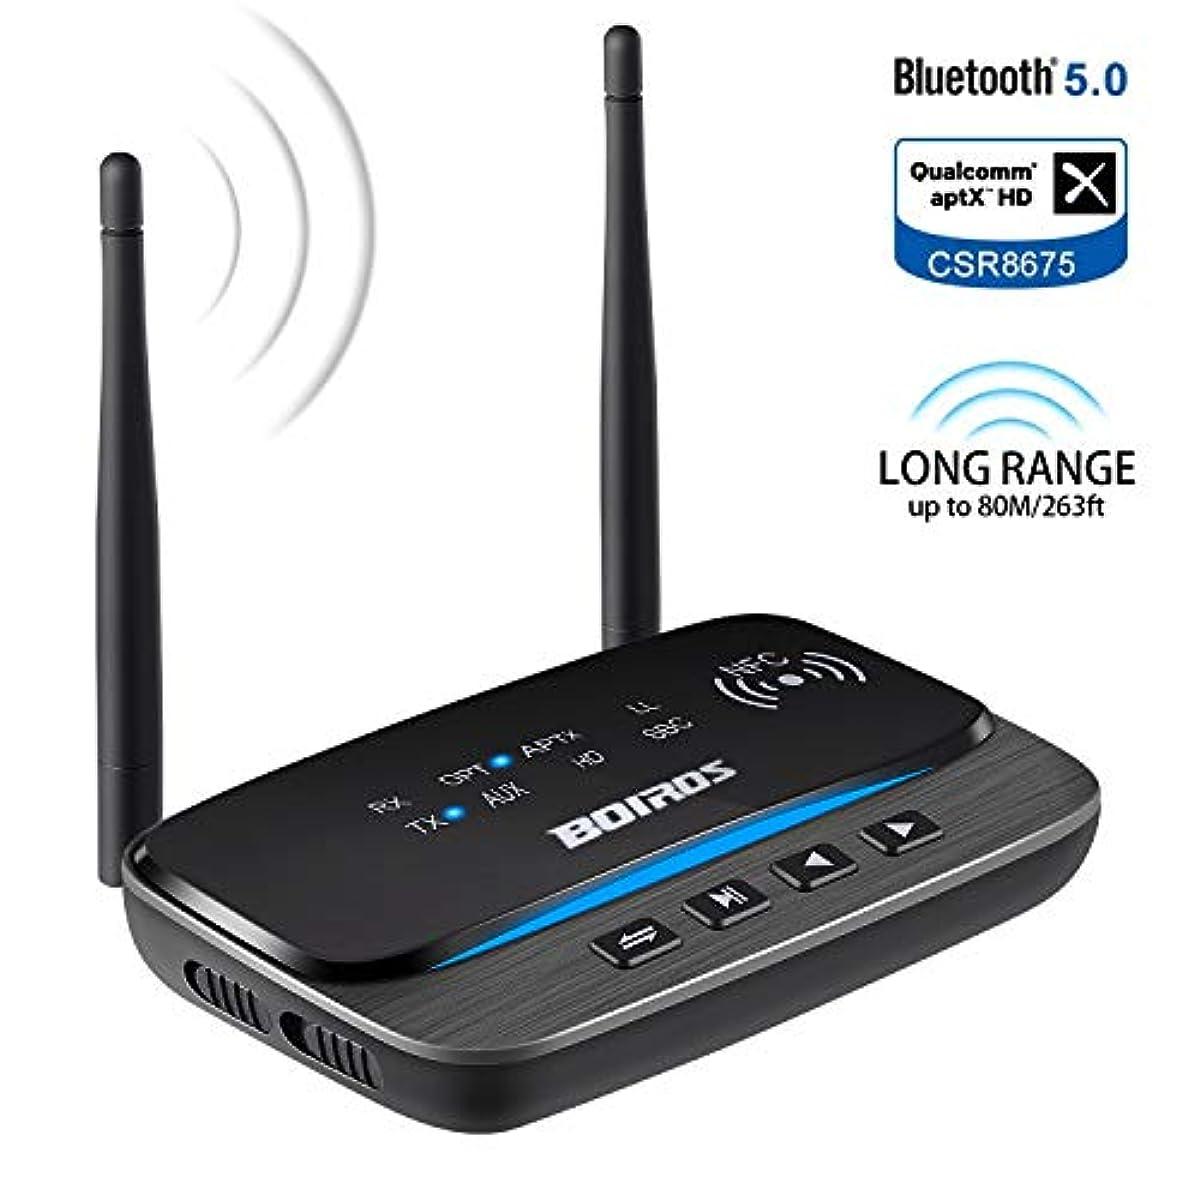 Bluetooth 5.0 Transmitter Receiver,Long Range 263ft Wireless aptX HD Low Latency